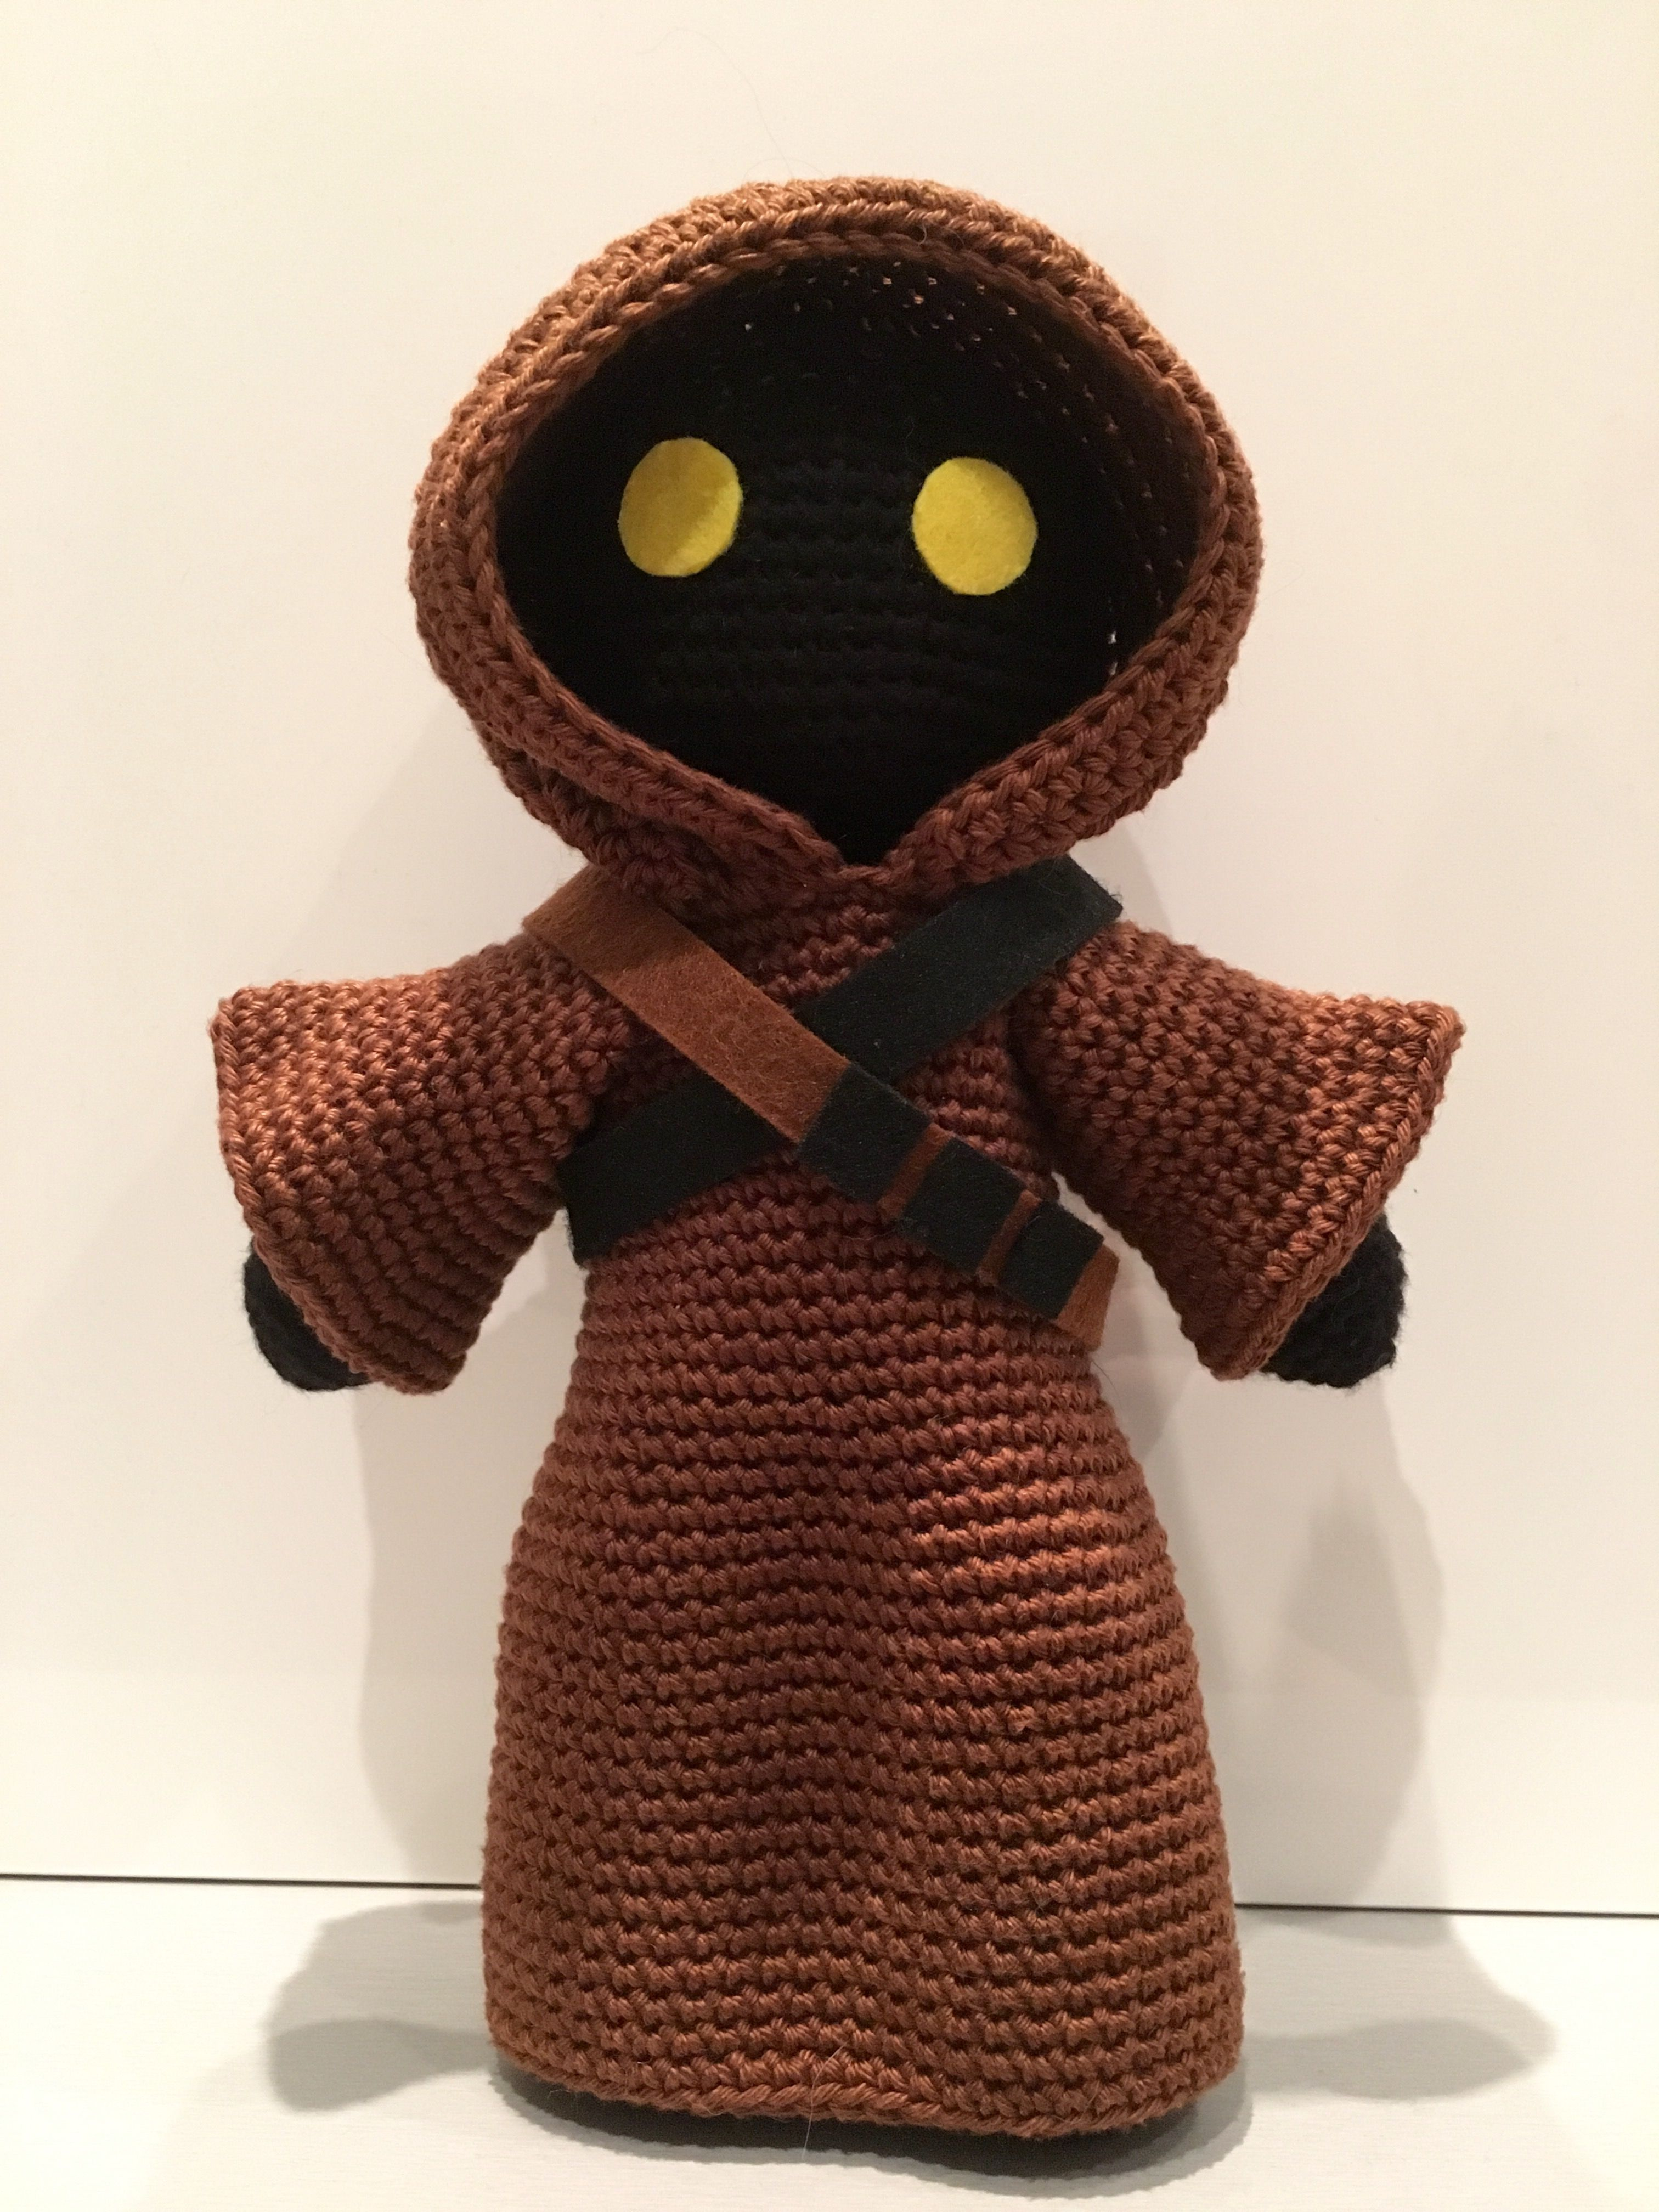 Pin de Patricia Vega en Amigurumis | Pinterest | Muñecas de crochet ...